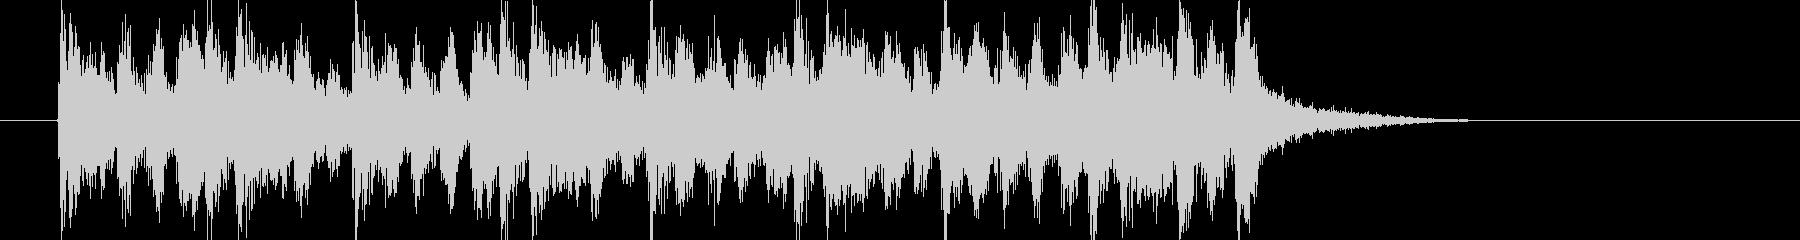 軽快なフルートサウンドの未再生の波形